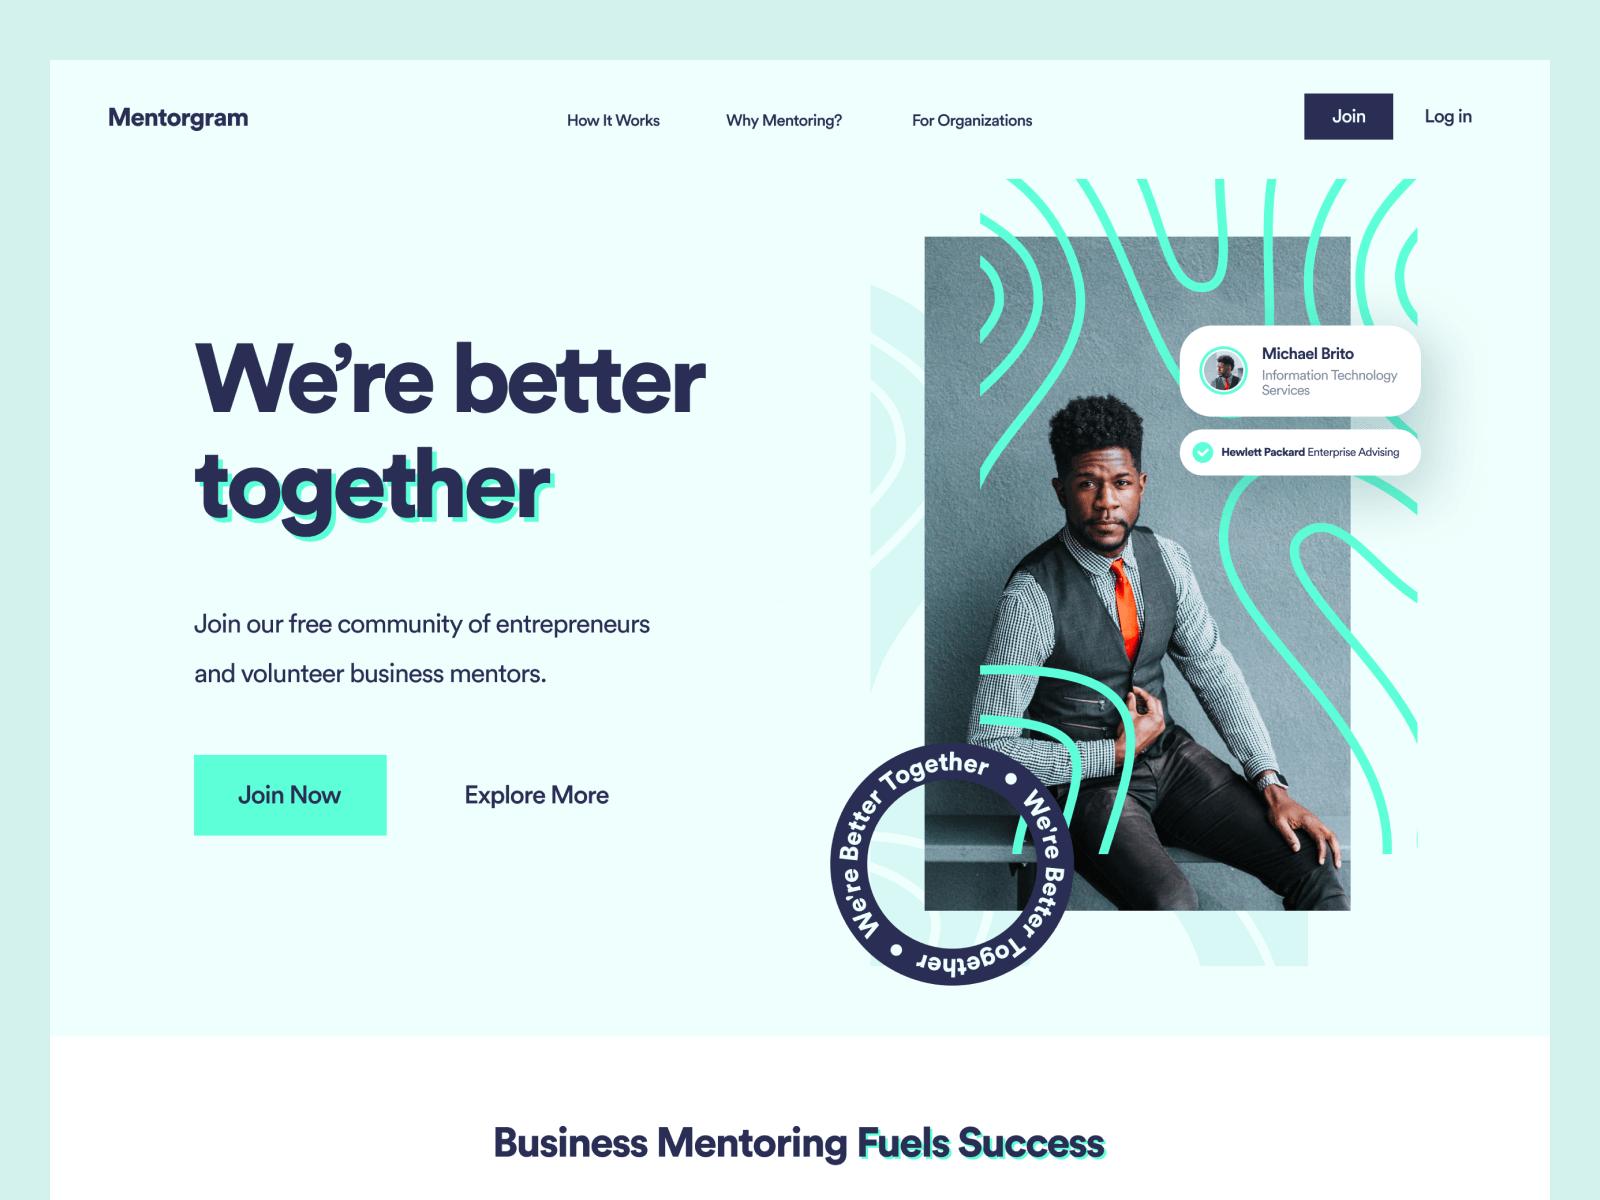 Website design for Mentorgram